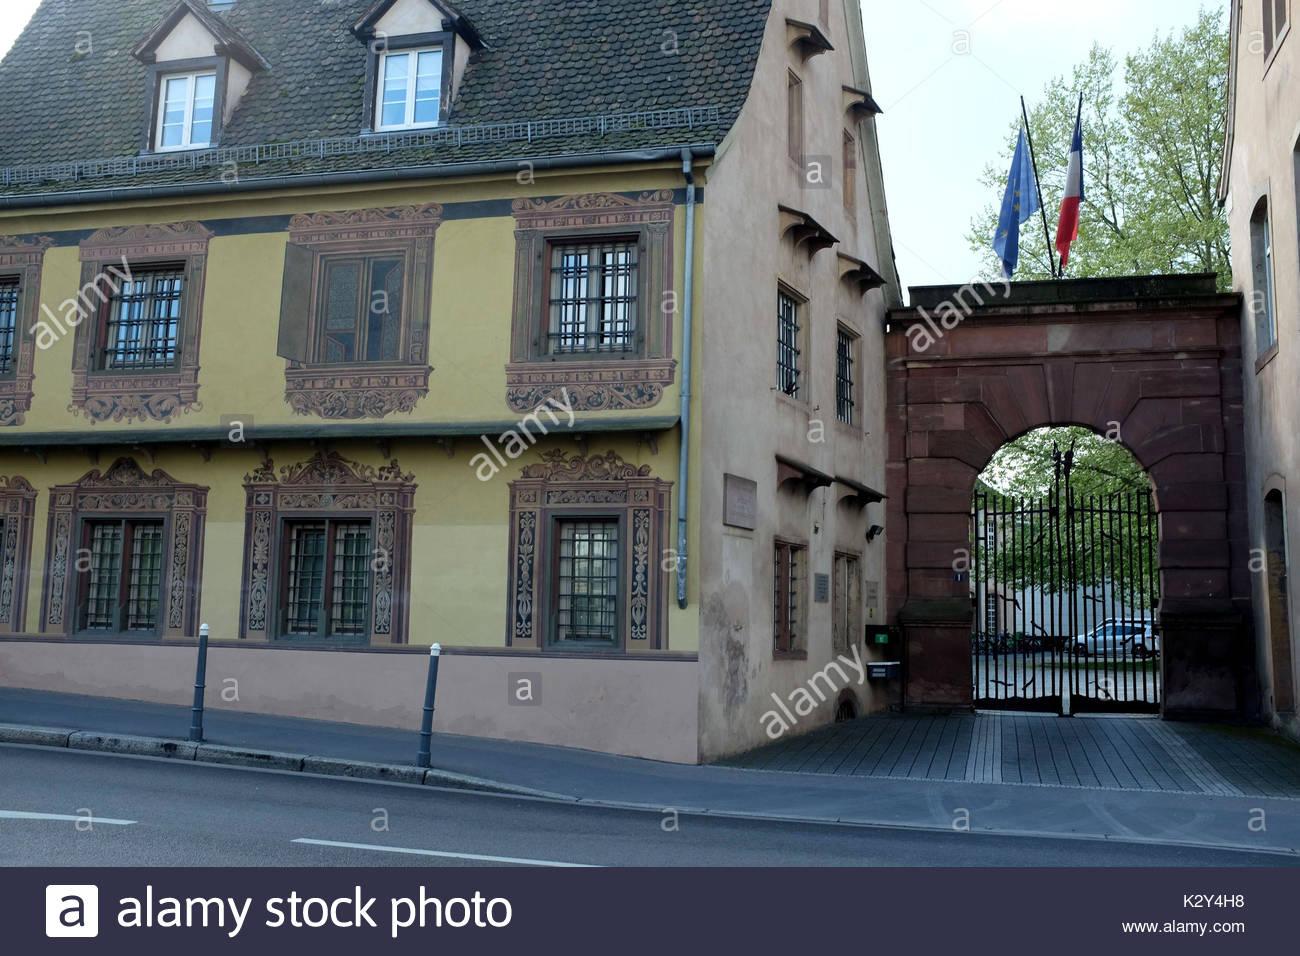 France, Alsace, Bas-Rhin, Strasbourg, l'entree de l'Ecole Nationale d'Administration, ena cree par Charle de Gaulle Stock Photo